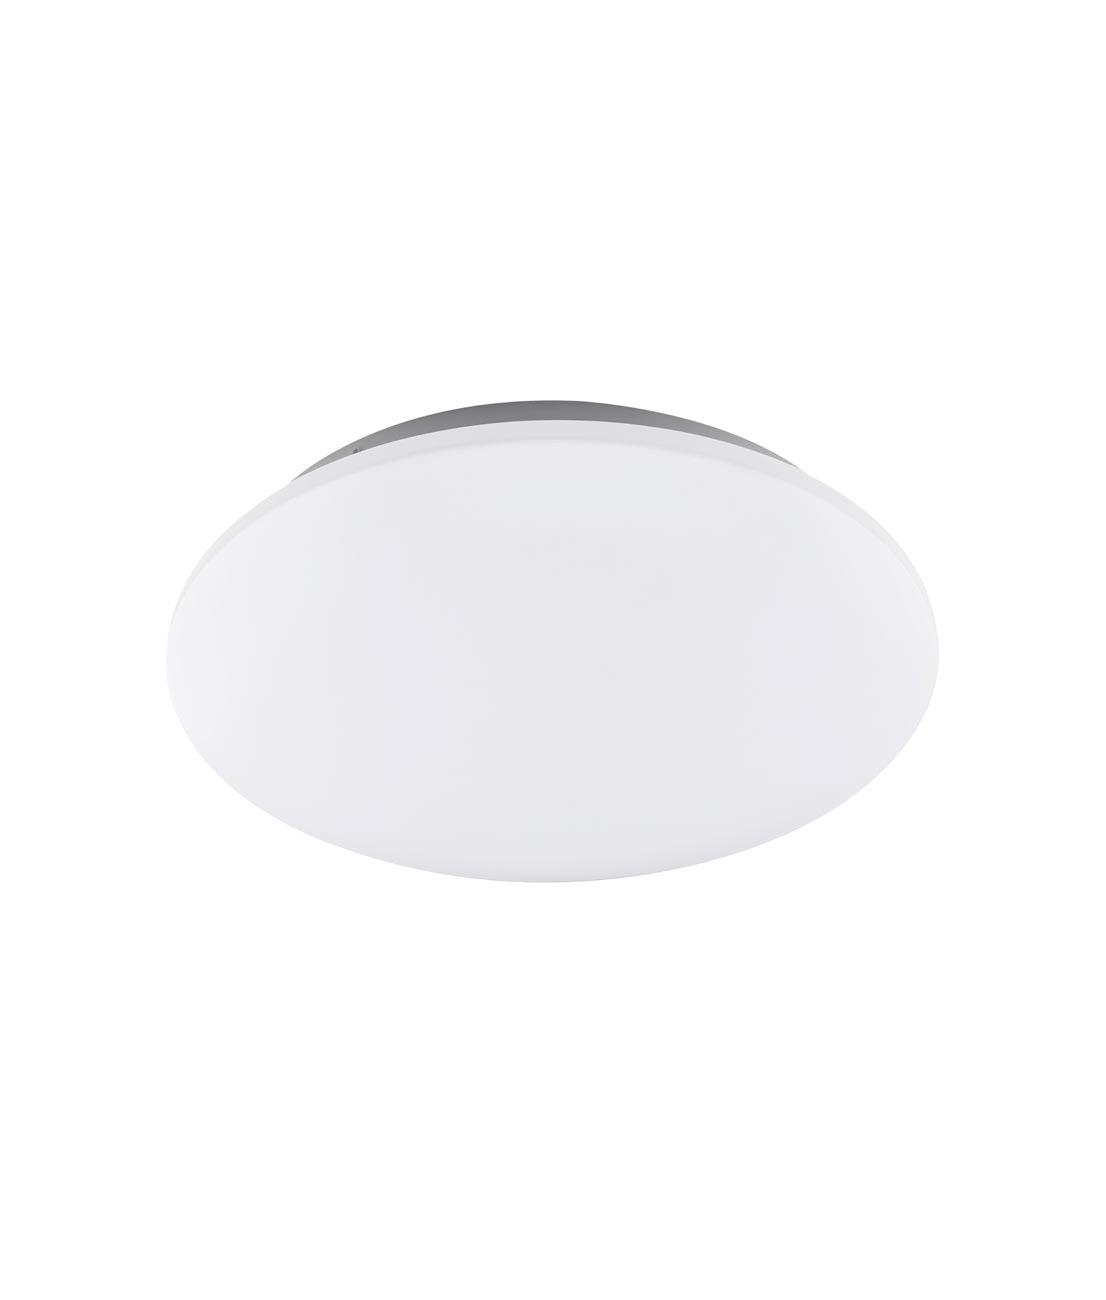 Plafón mediano luz fría LED ZERO II